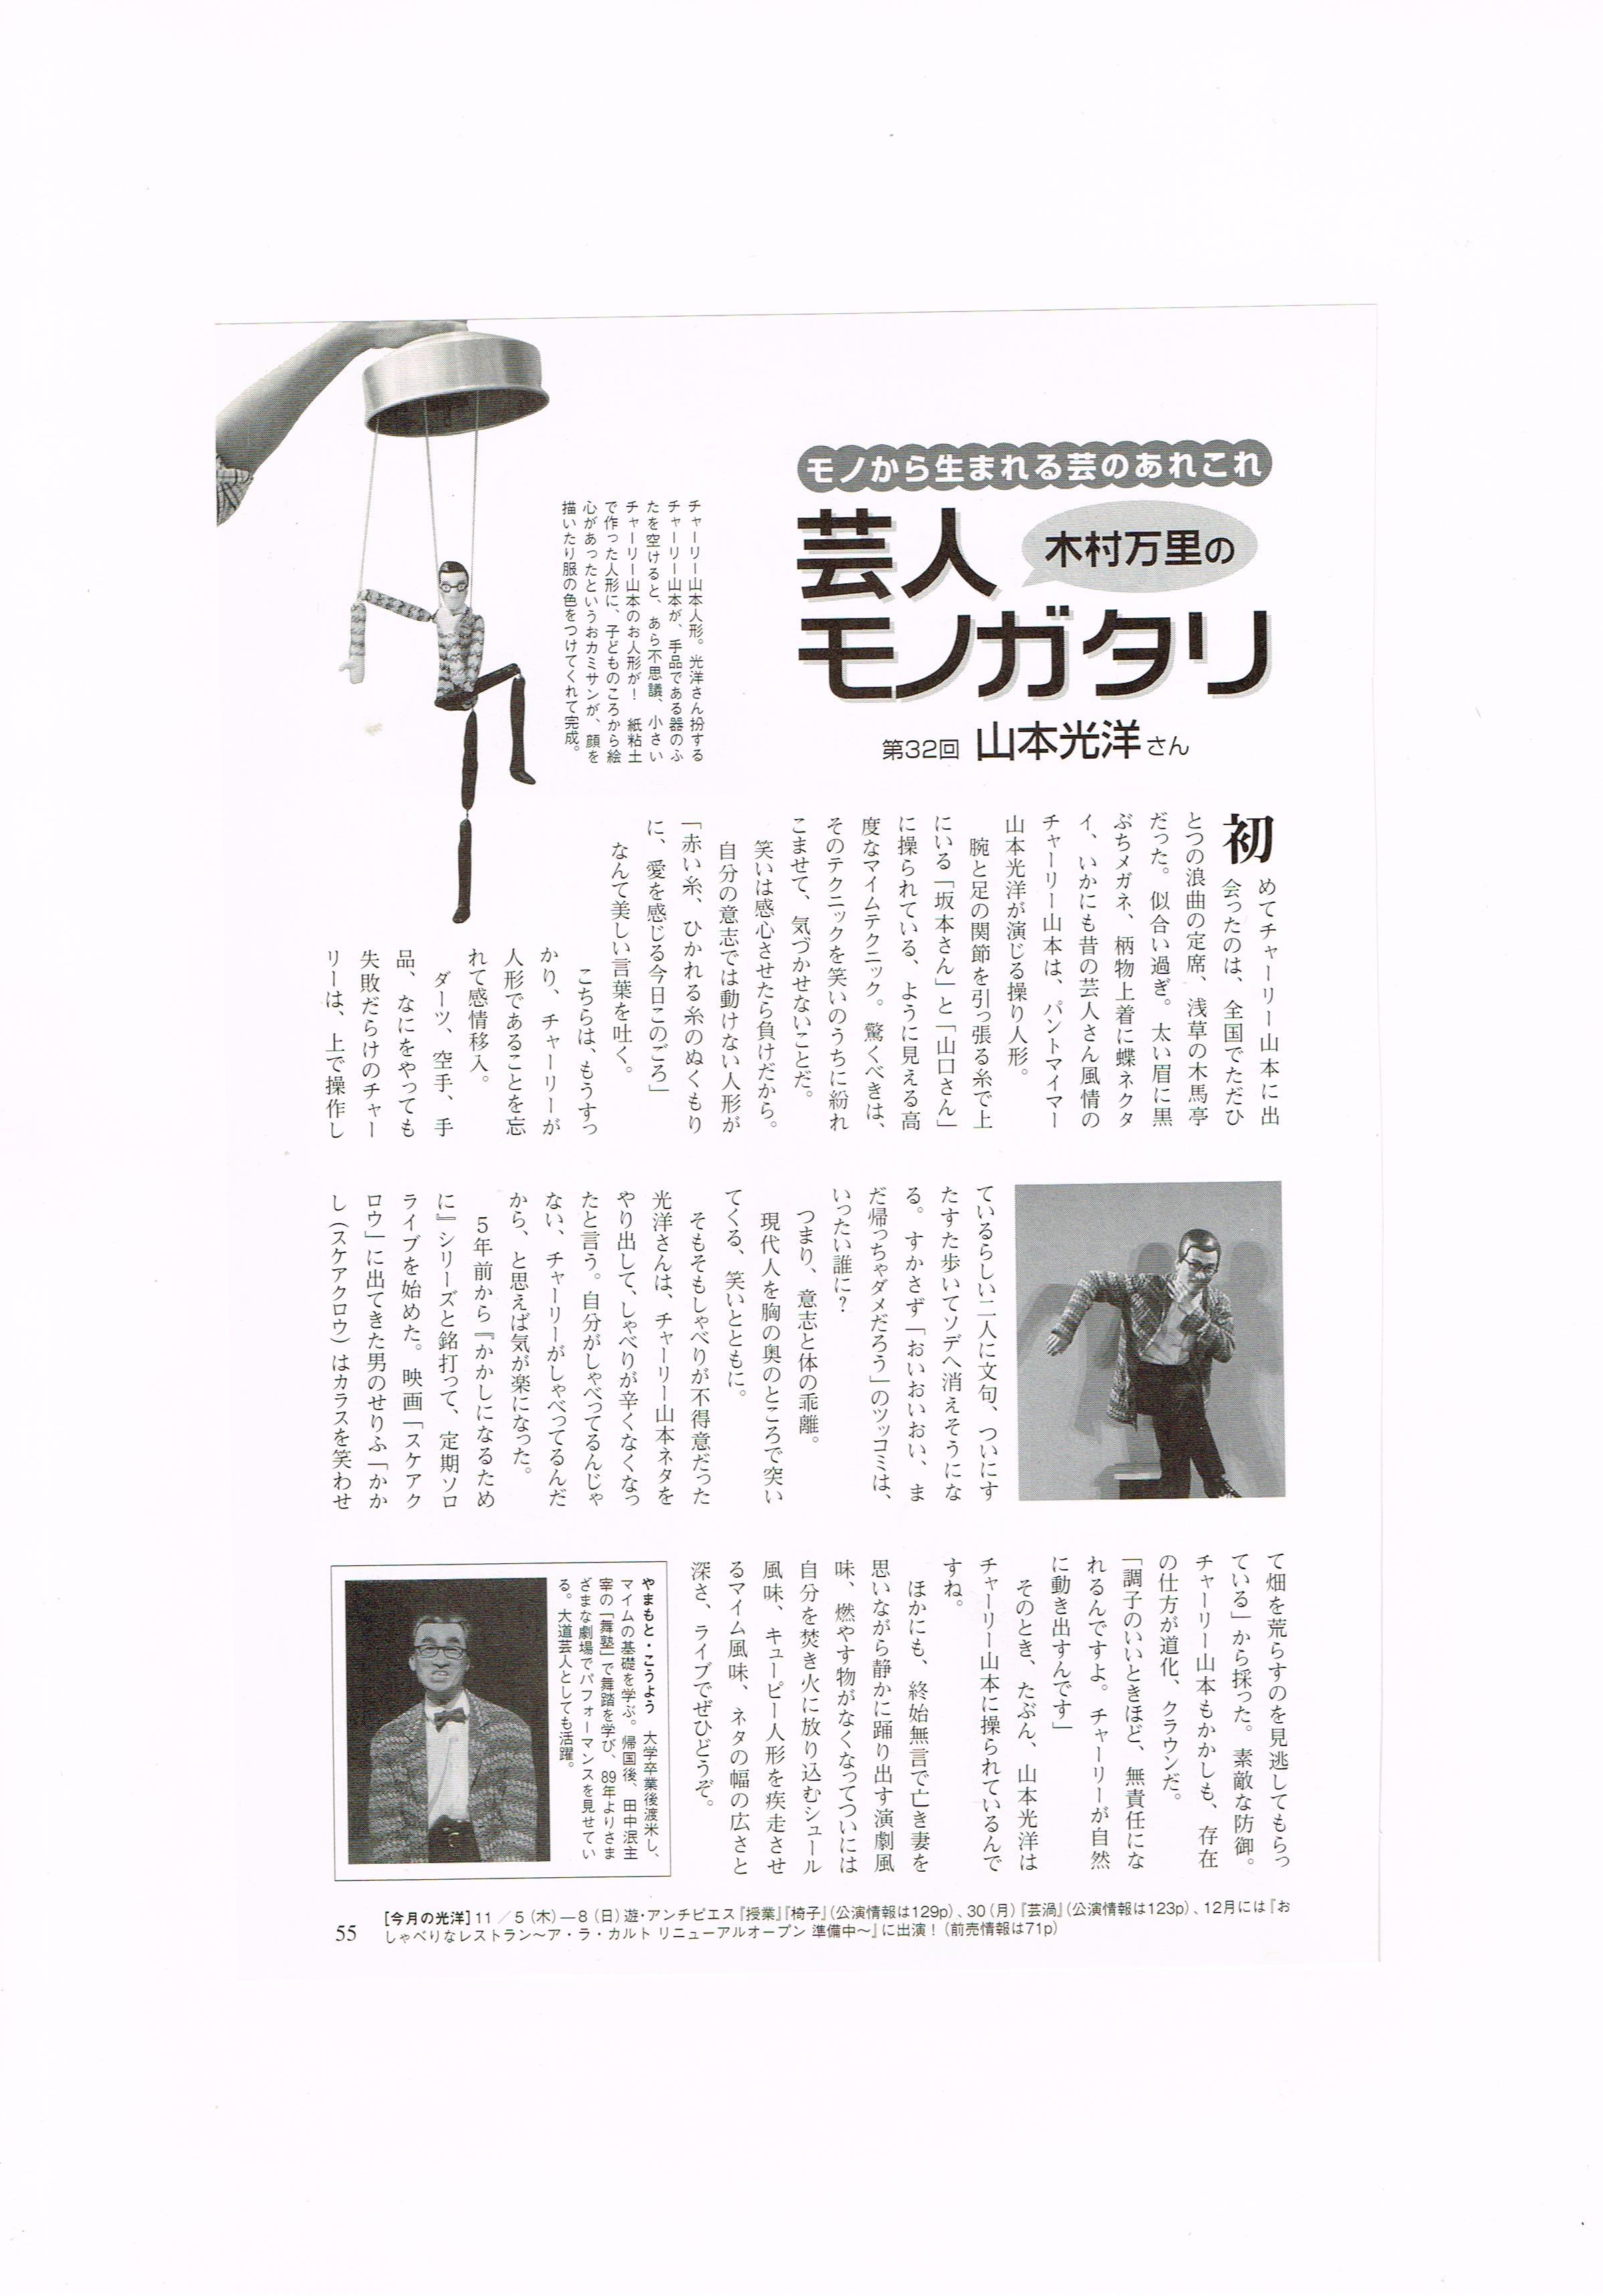 木村万里さんの記事